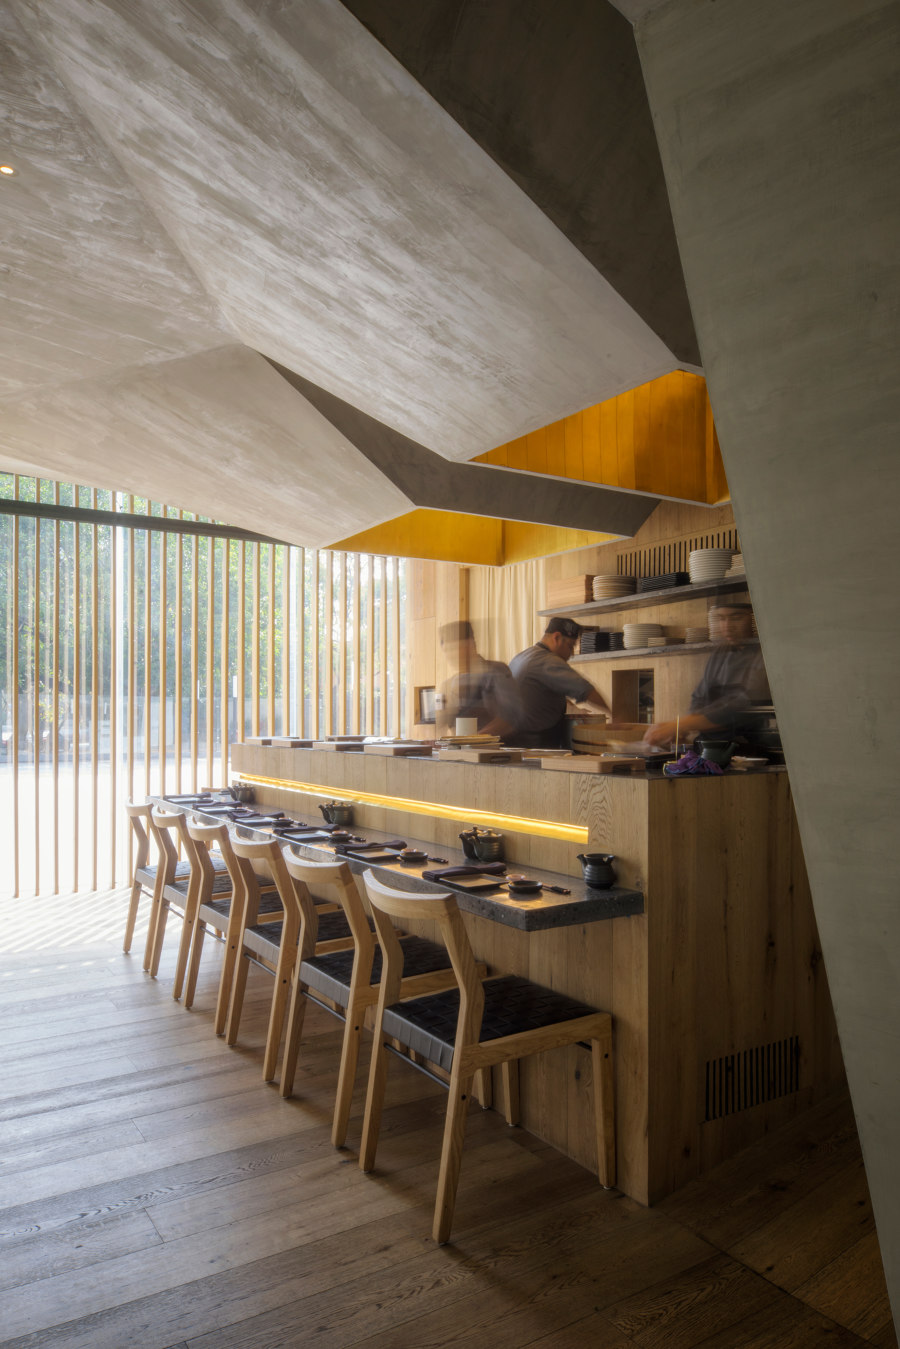 Oku Restaurant by Michan Architecture   Restaurant interiors